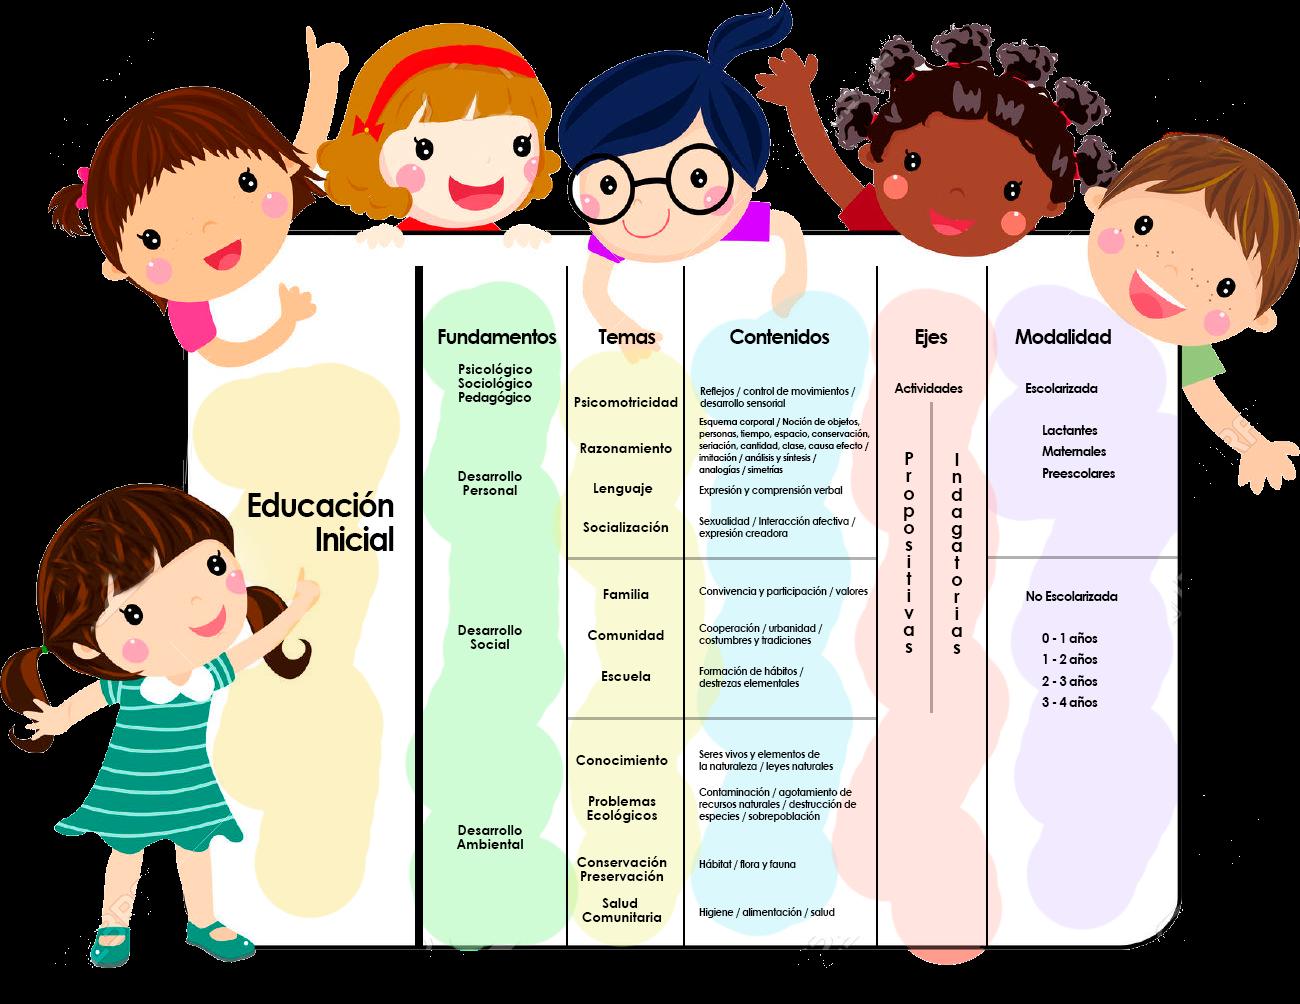 Curriculo de educacion inicial 2015 educaci 243 n inicial for Nuevo curriculo de educacion inicial